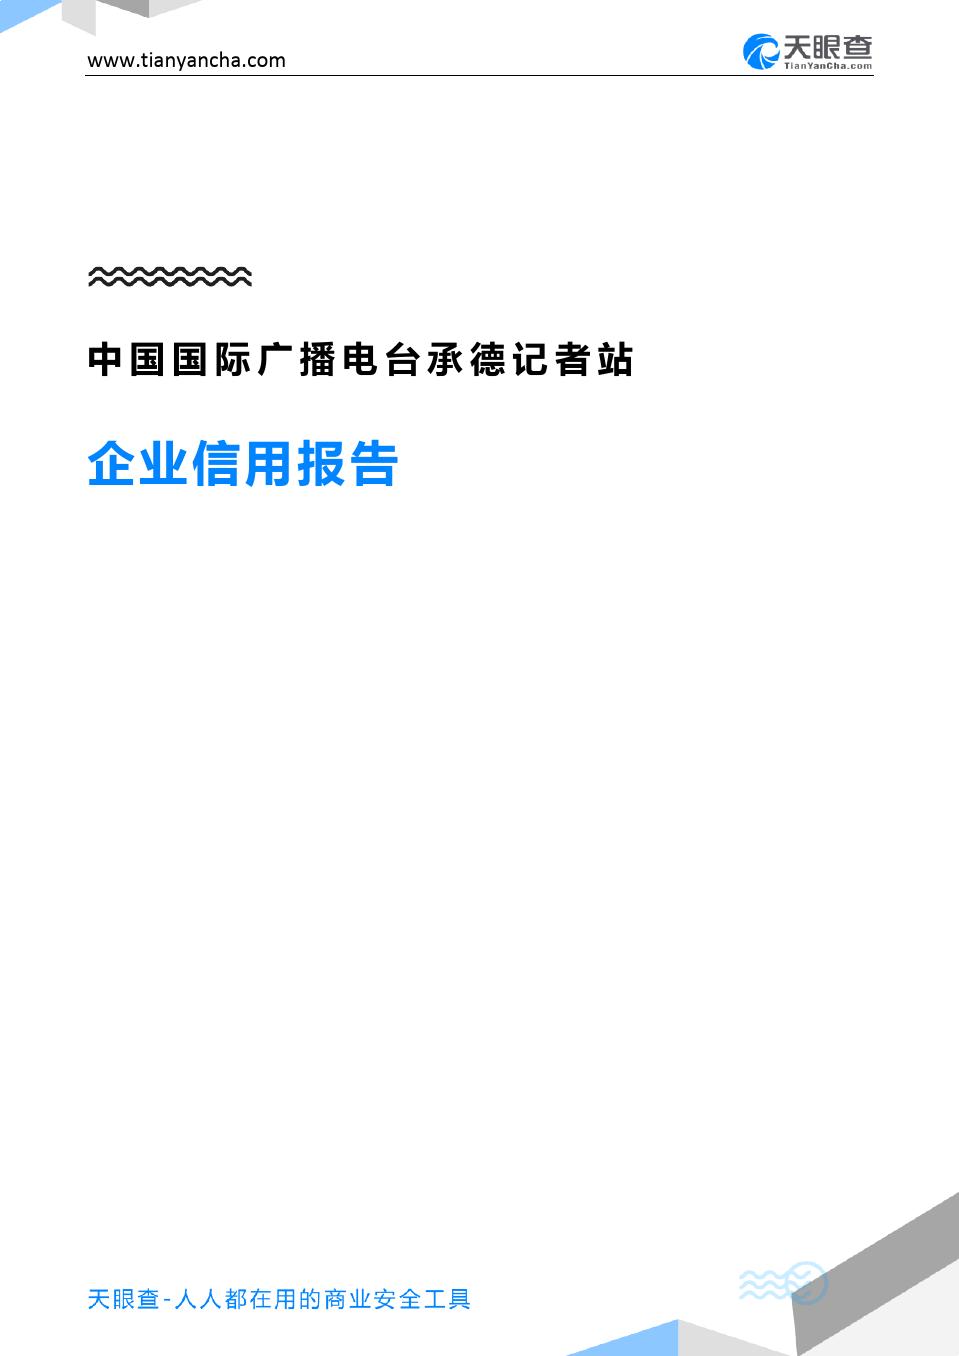 中国国际广播电台承德记者站企业信用报告-天眼查